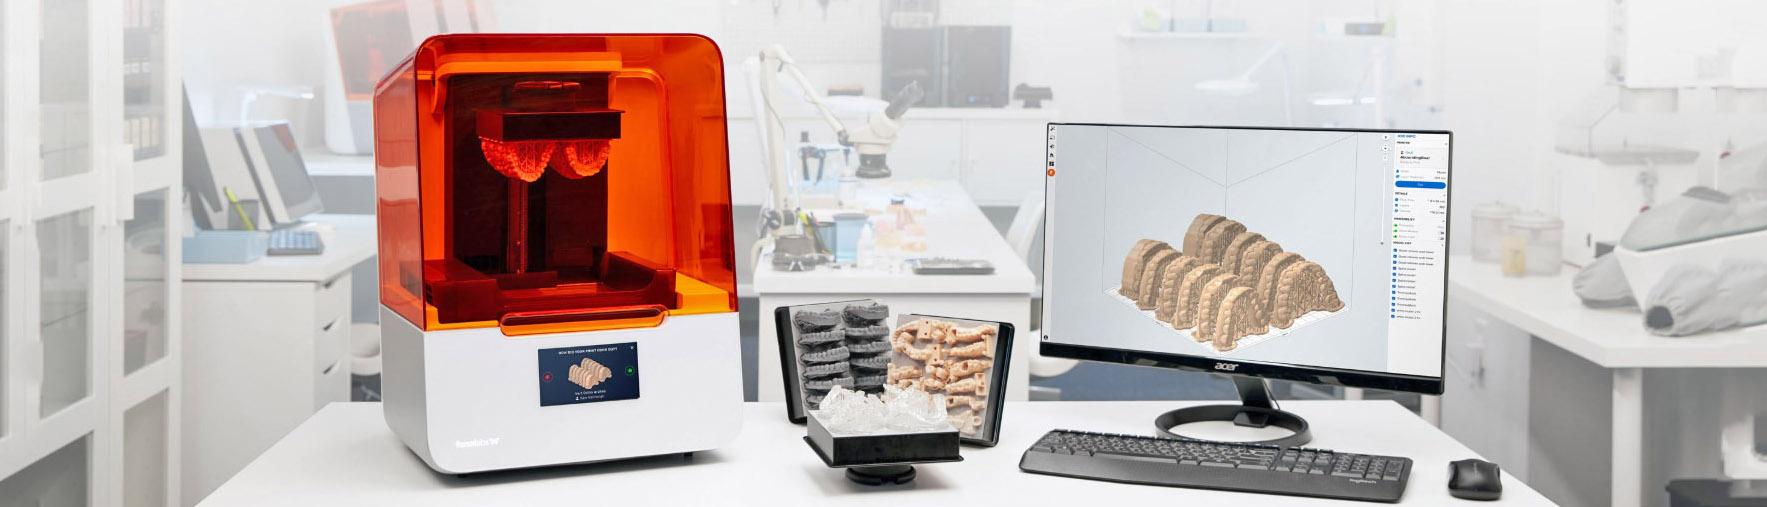 Form 3 Biokompatible 3D-Drucker mit Beispieldrucken und Computer